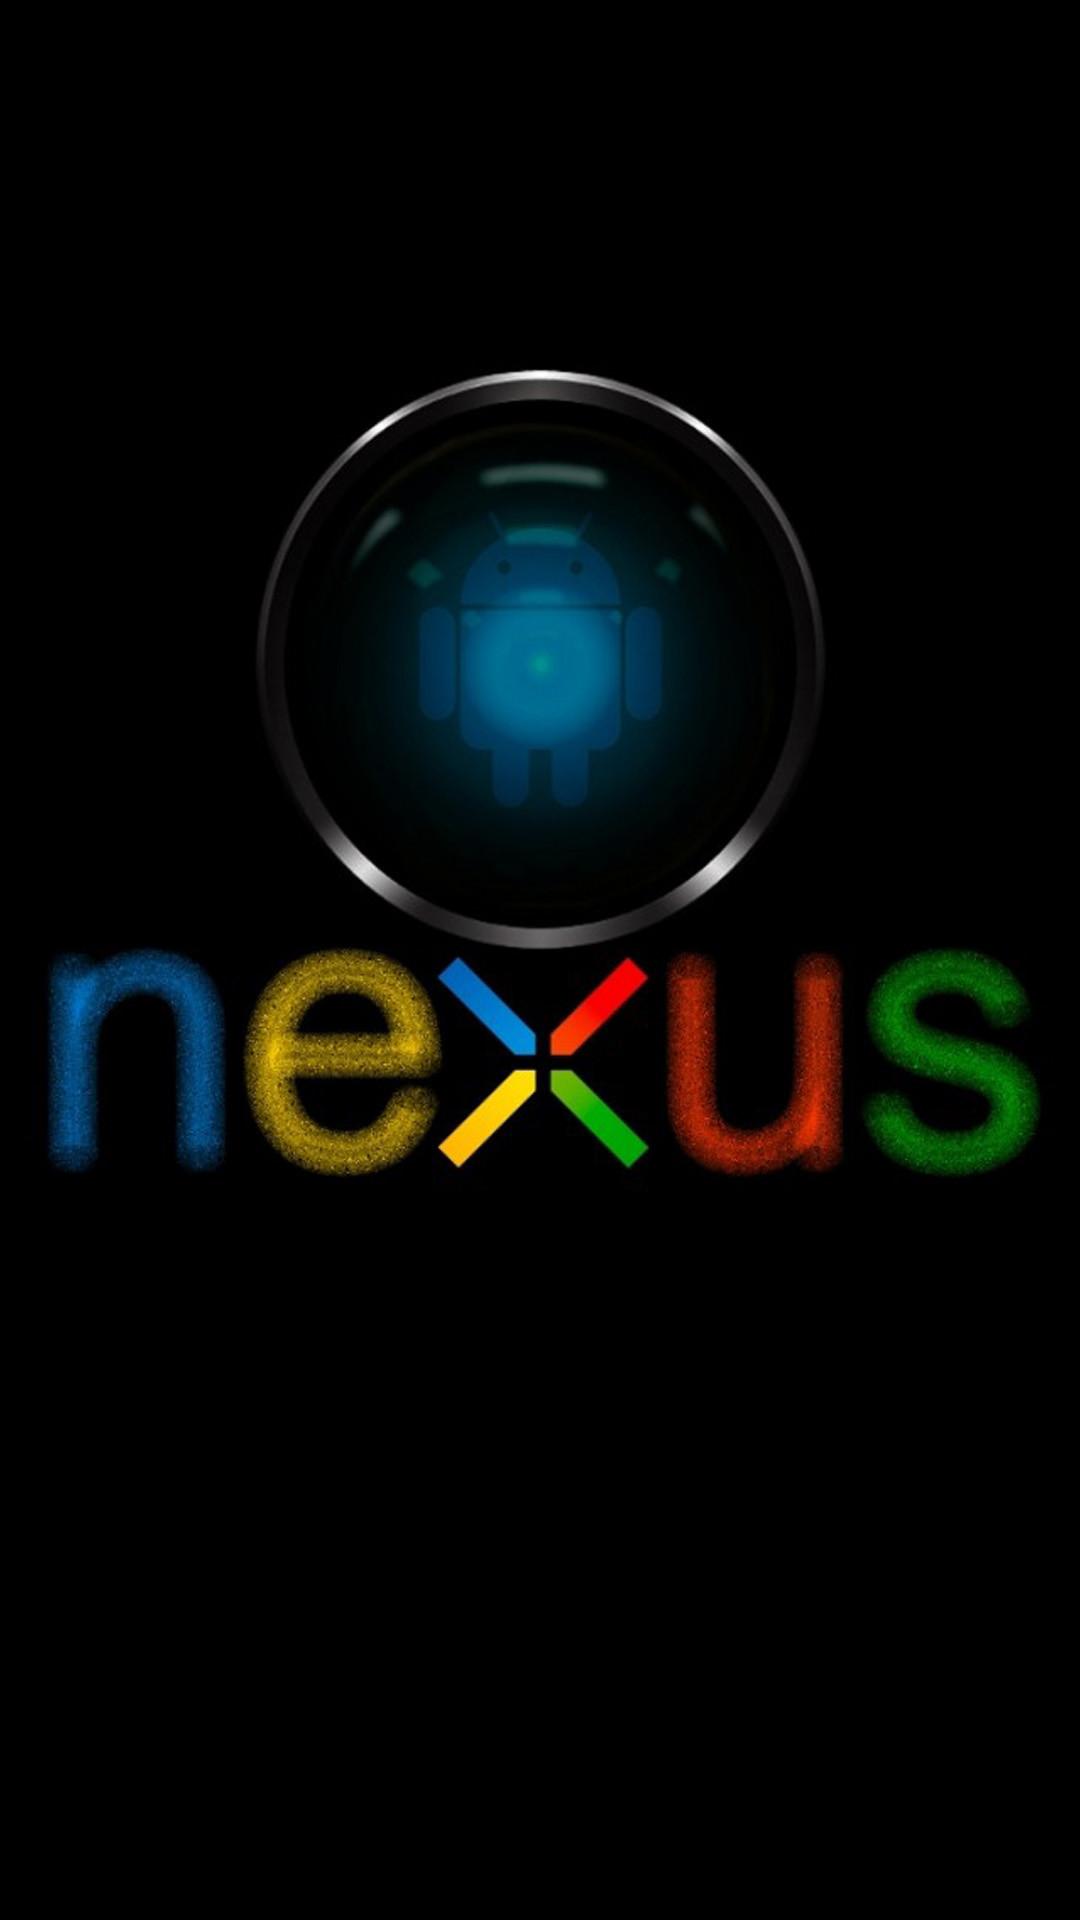 Wallpaper Nexus 44 Images